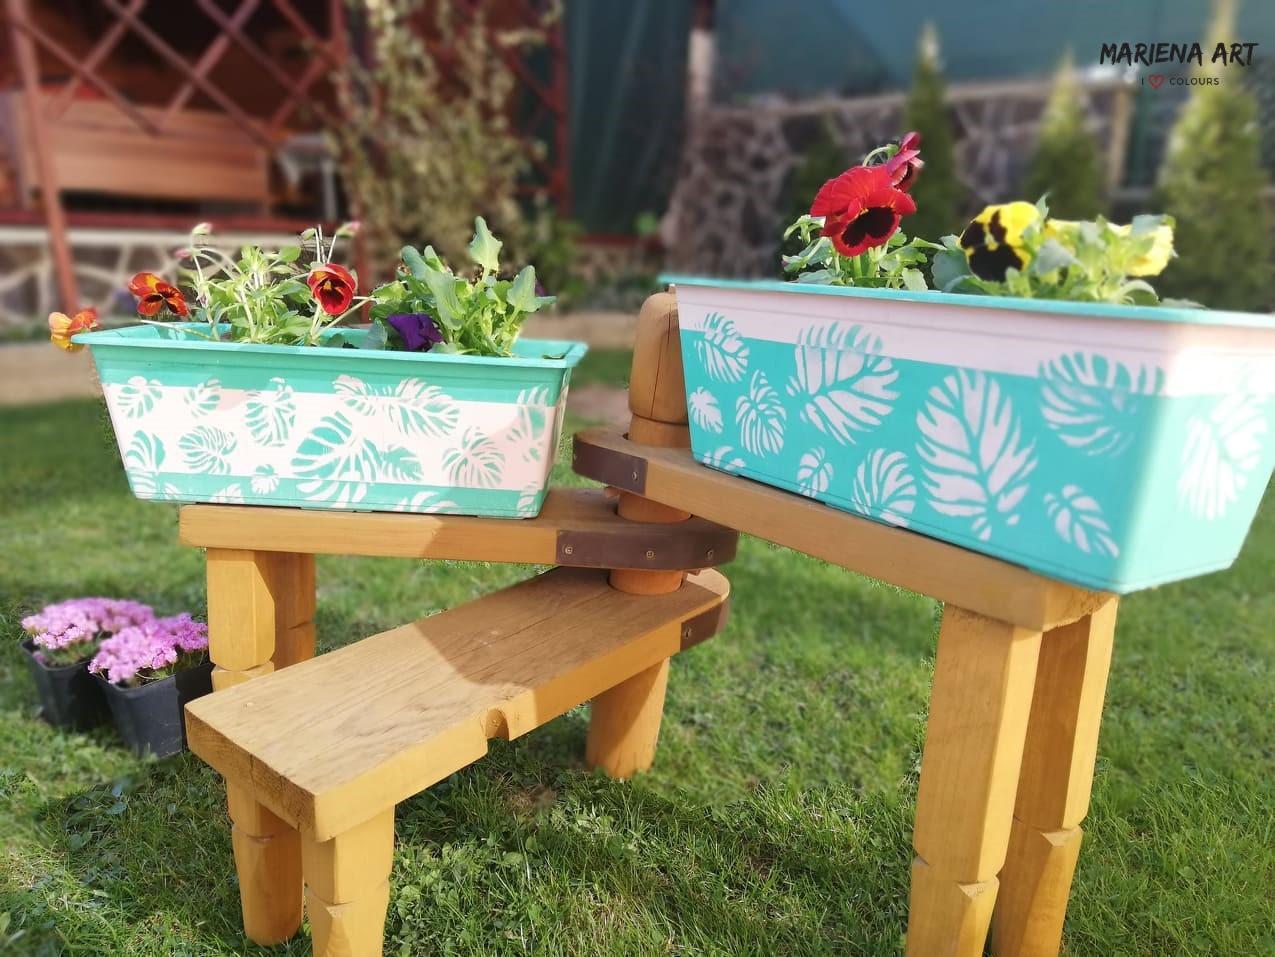 Kriedové farby - Chalk paint 🎨🖌 - kvetináče namaľované kriedovými farbami